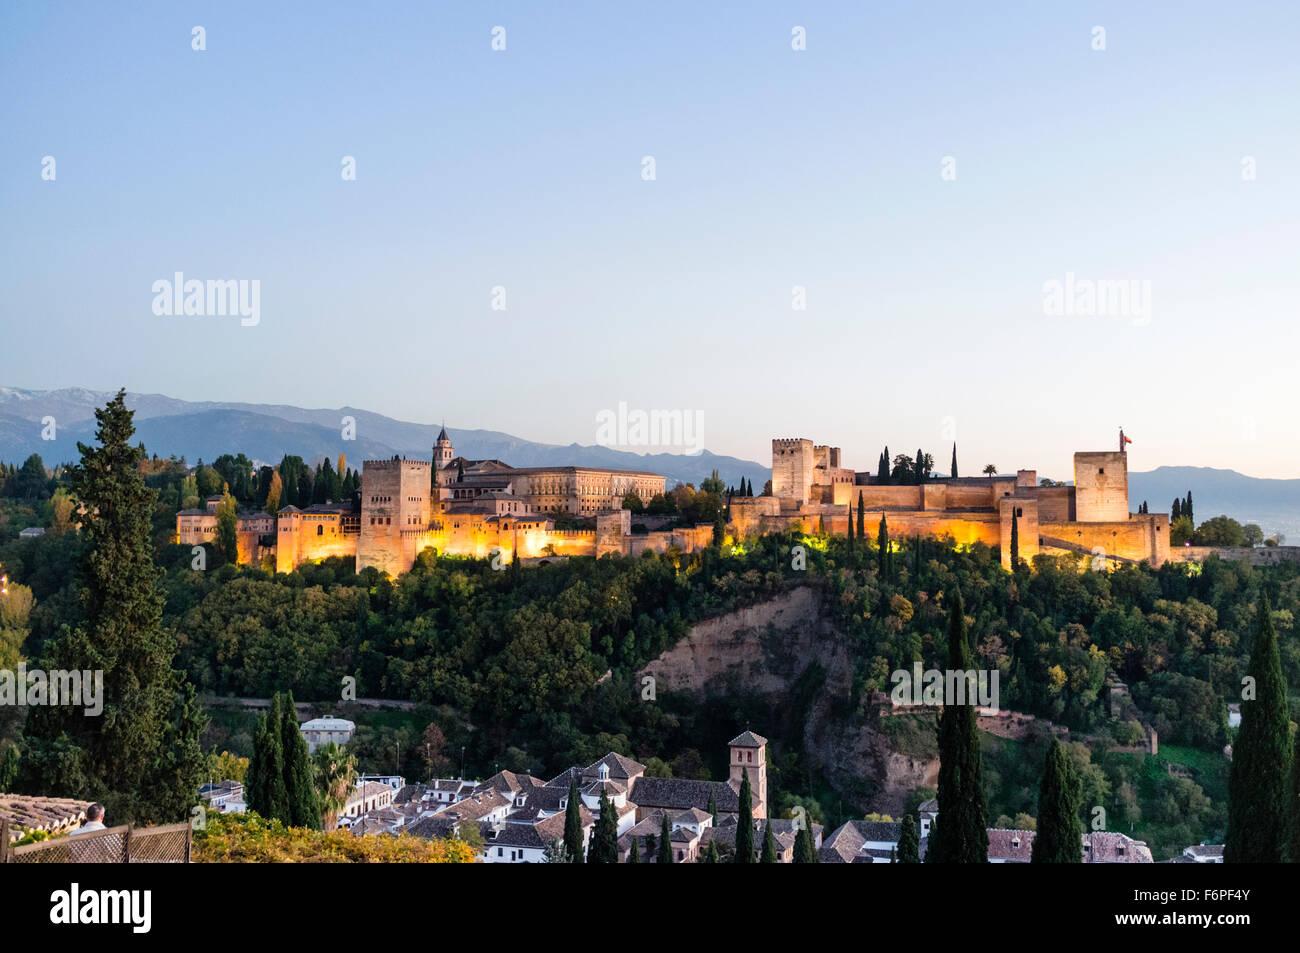 Alhambra Palace descripción al atardecer. Granada, Andalucía, España Imagen De Stock